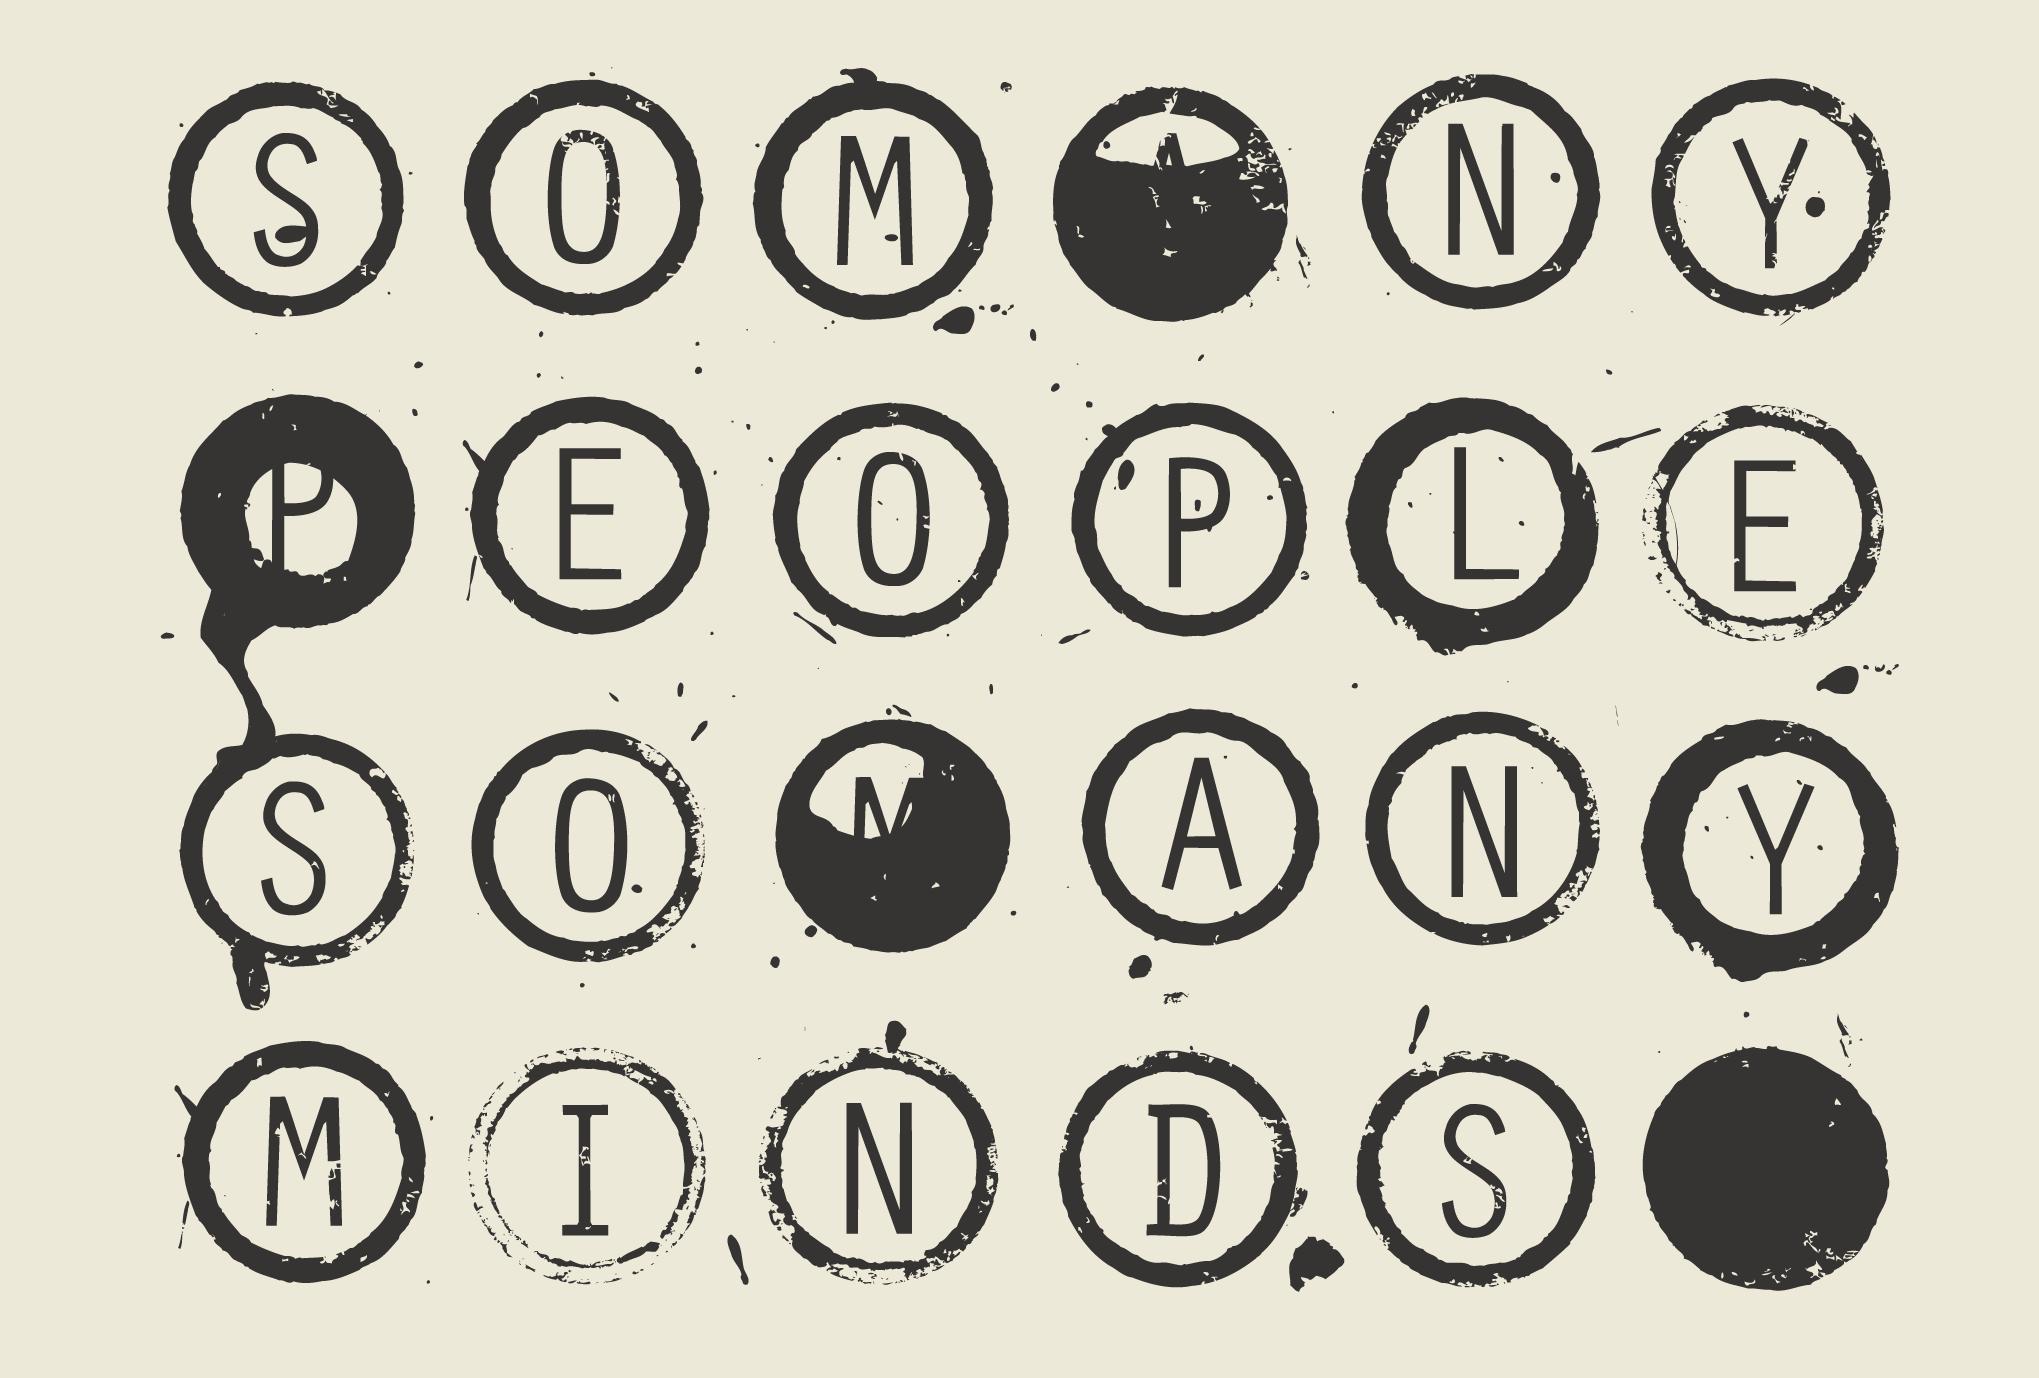 ポストカード36-2:So many people, So many minds / 灰白のダウンロード画像